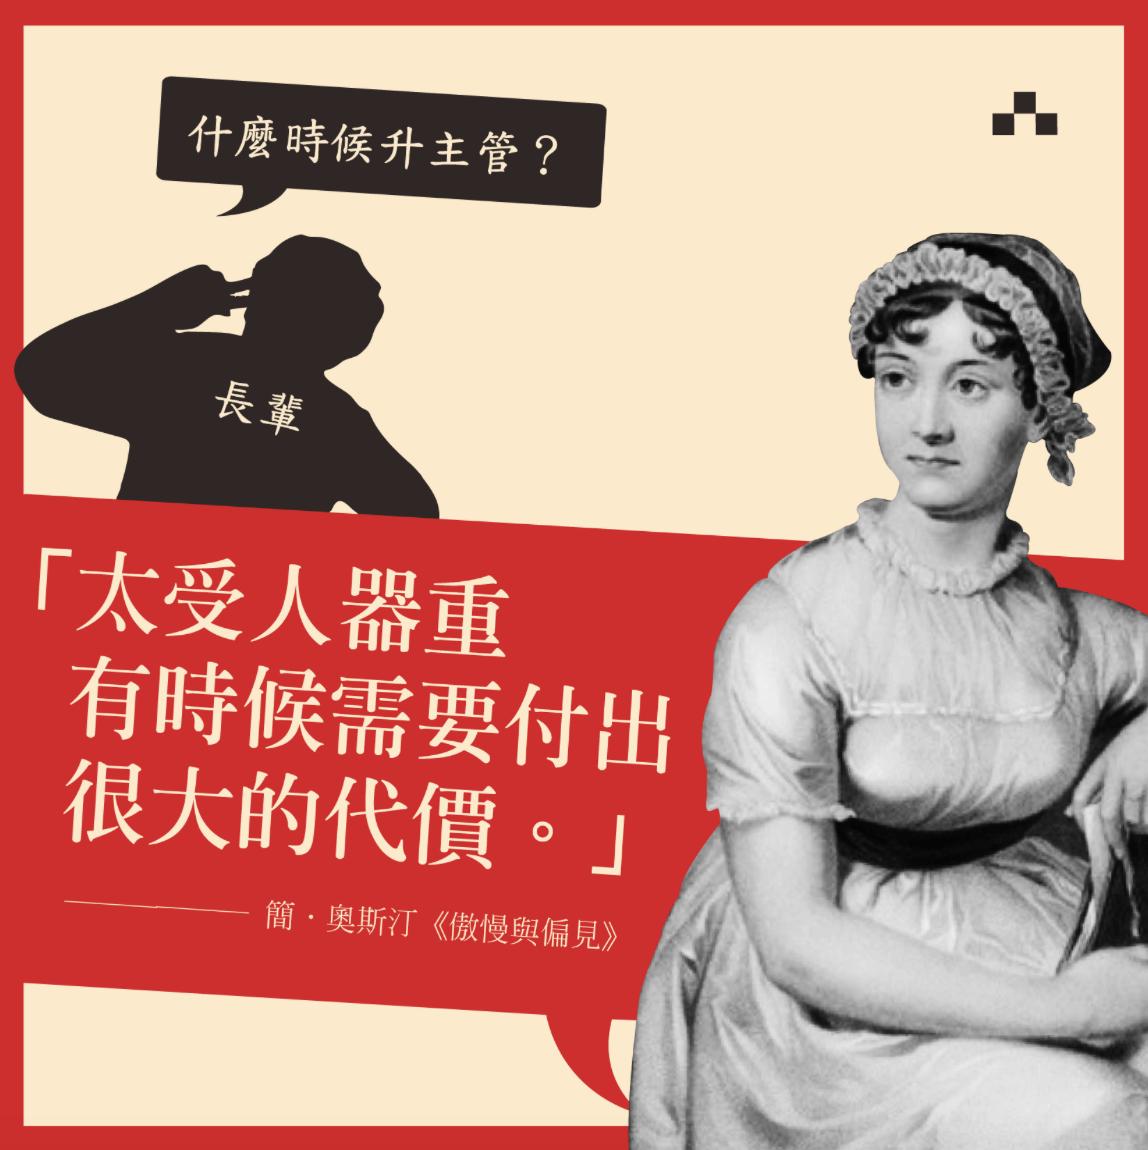 台湾诚品书店:#长辈关心,拜年擂台#.png